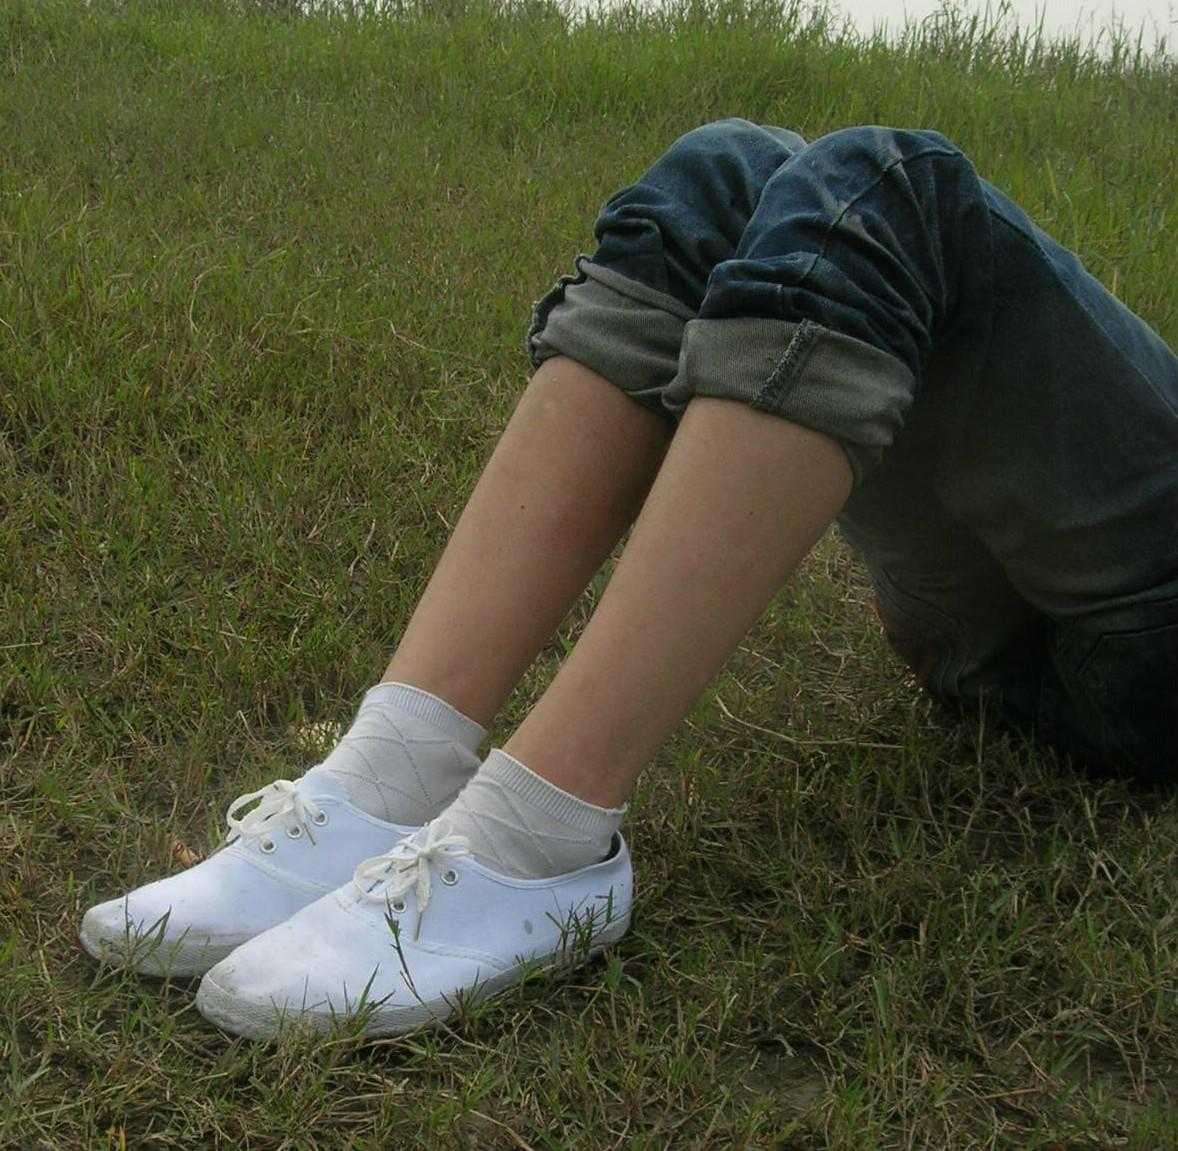 如果穿着来踢男生威力大吗?